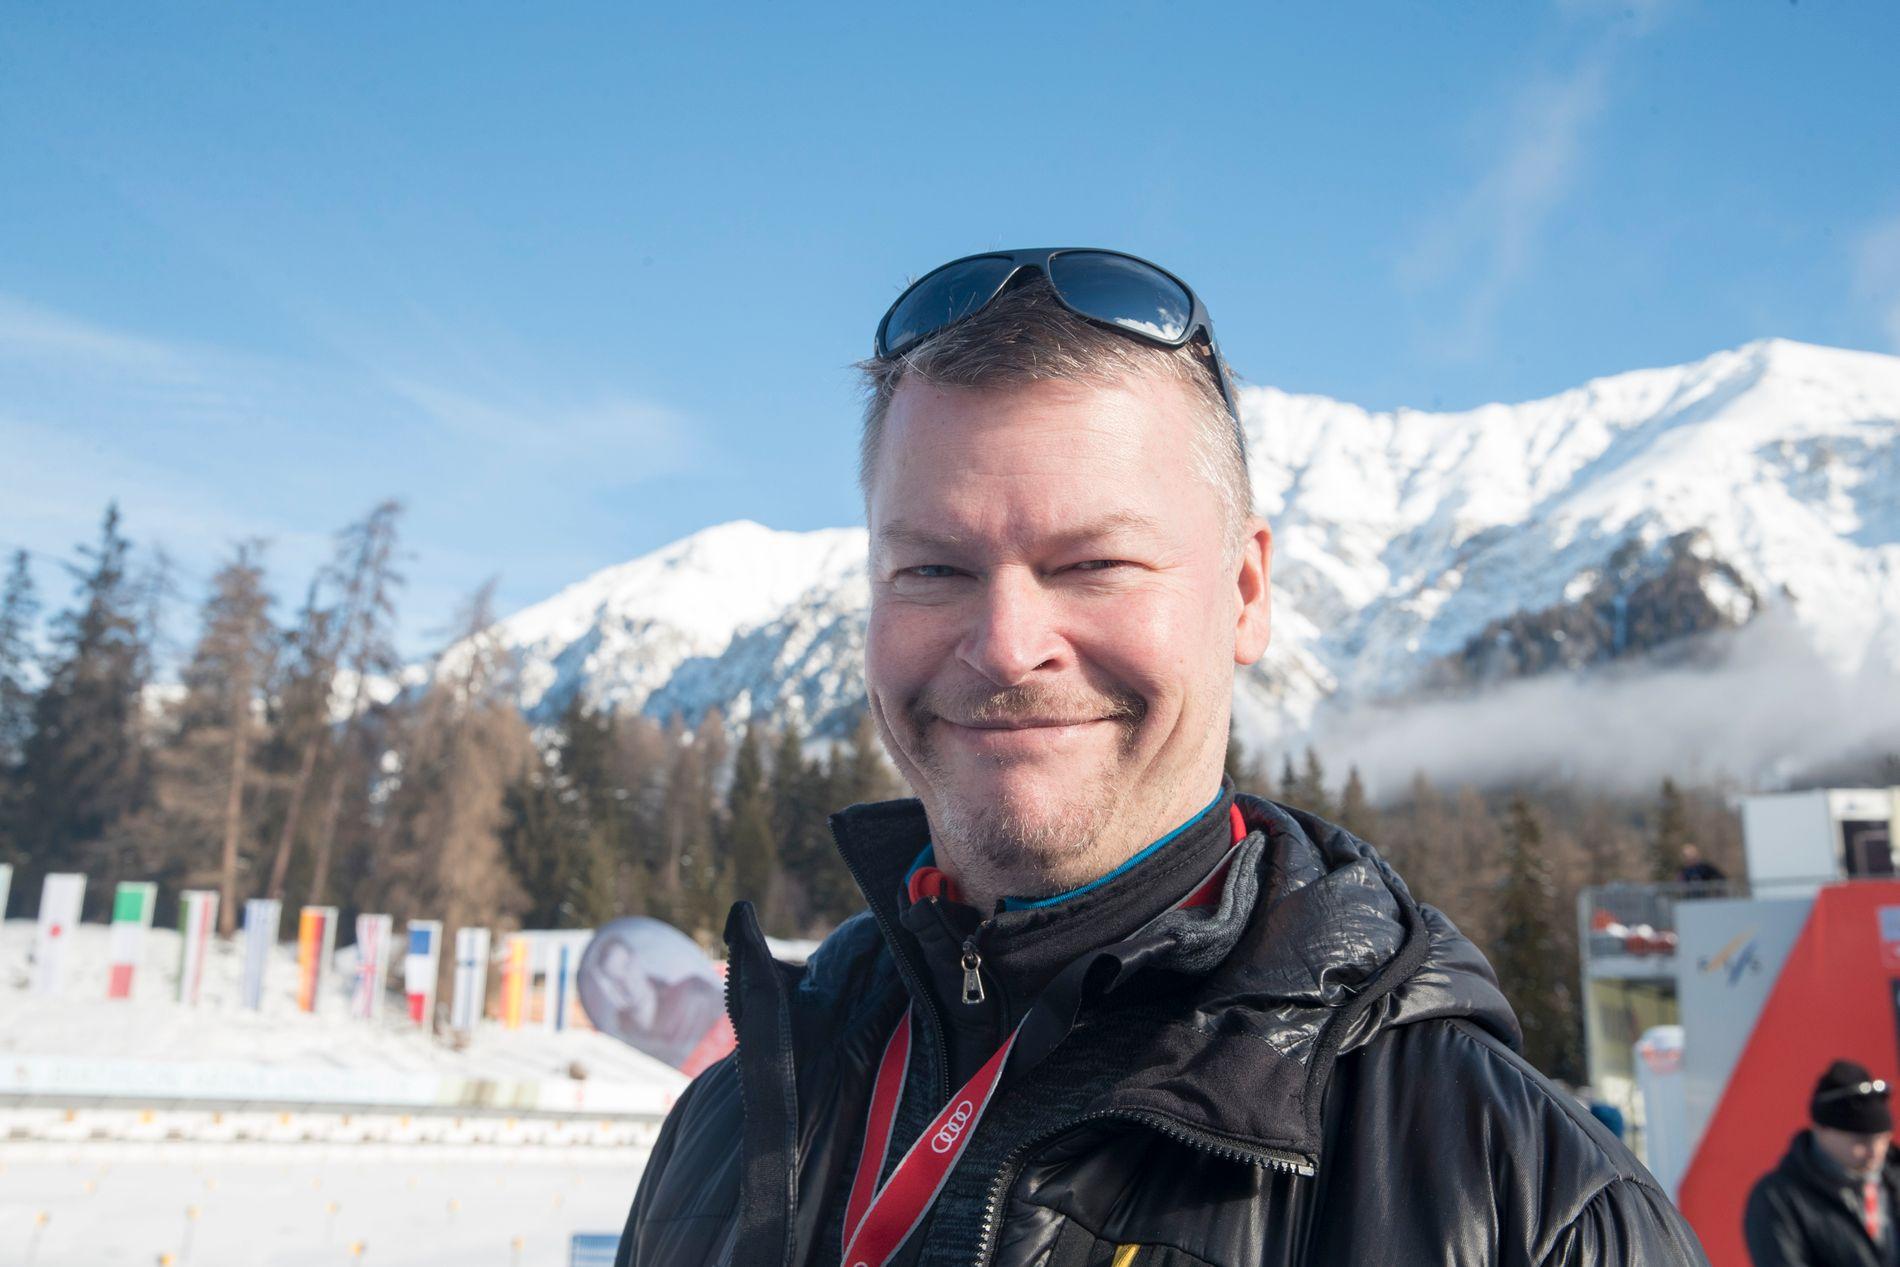 SVENSK JOURNALIST: Tomas Pettersson i Expressen. Nå er han i Ruka for å skrive om verdenscupåpningen. Her fra forrige Tour de Ski.